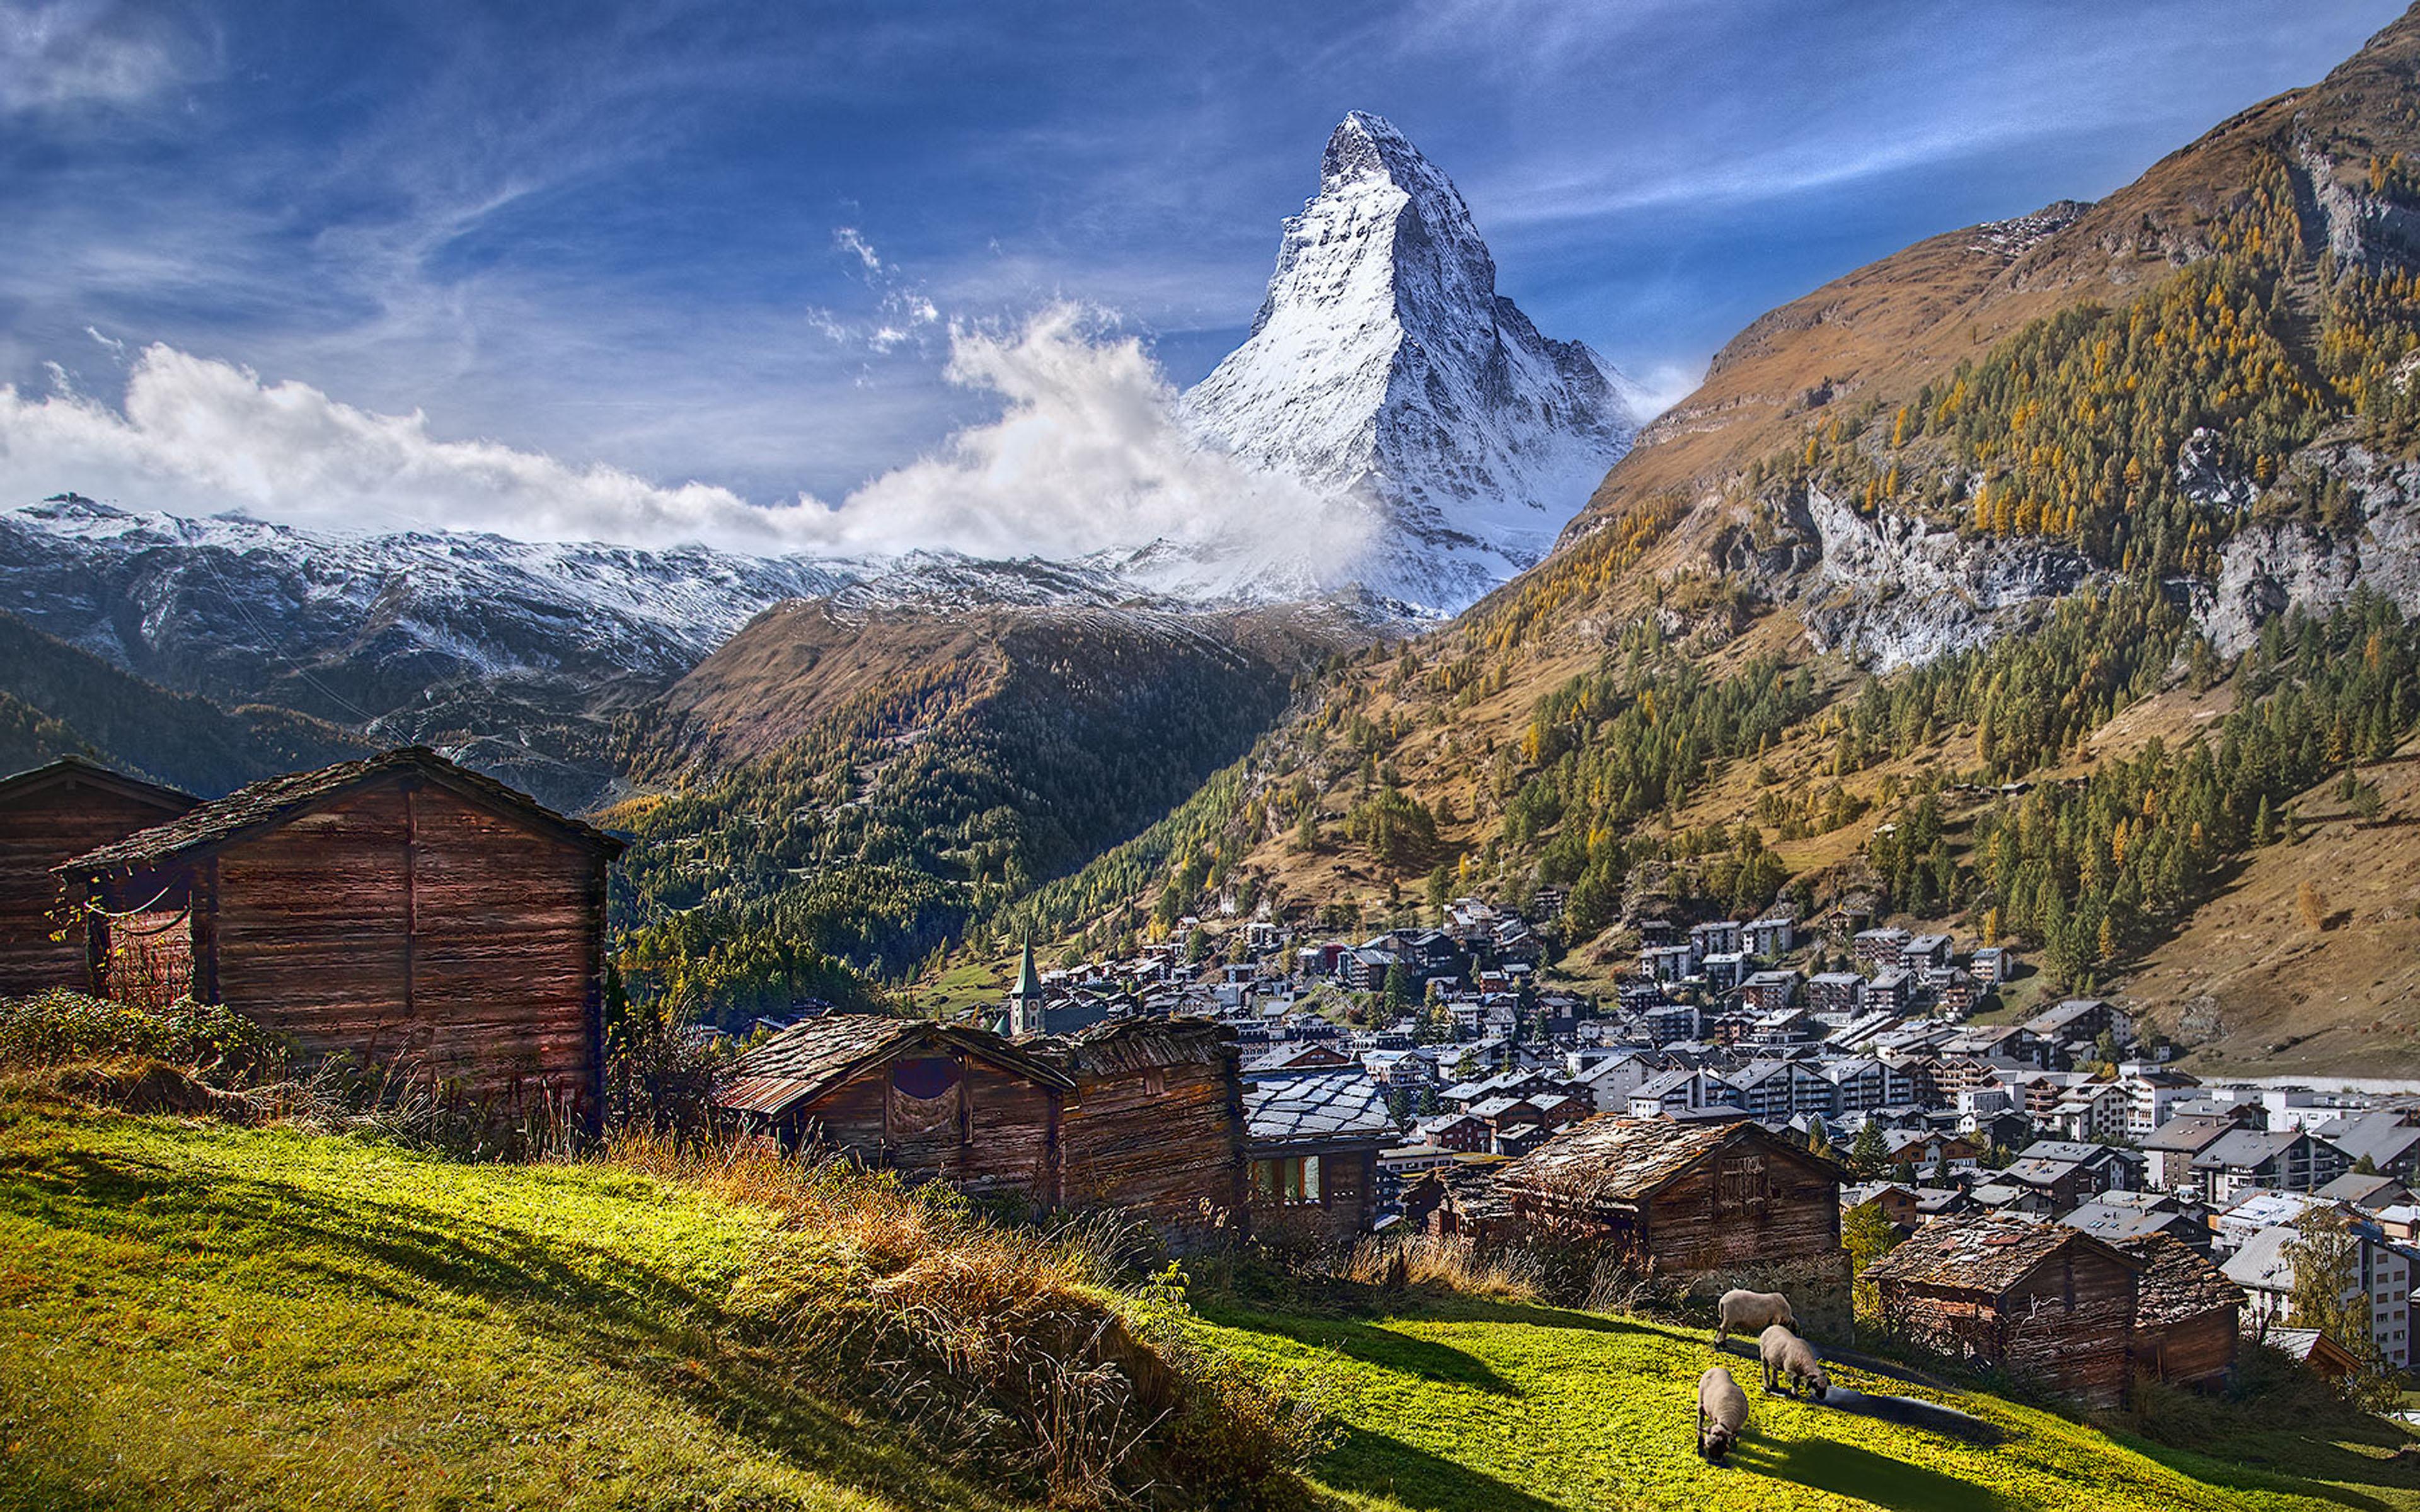 Green Forest Wallpaper Hd Mountain Matterhorn Alps Between Switzerland And Italy